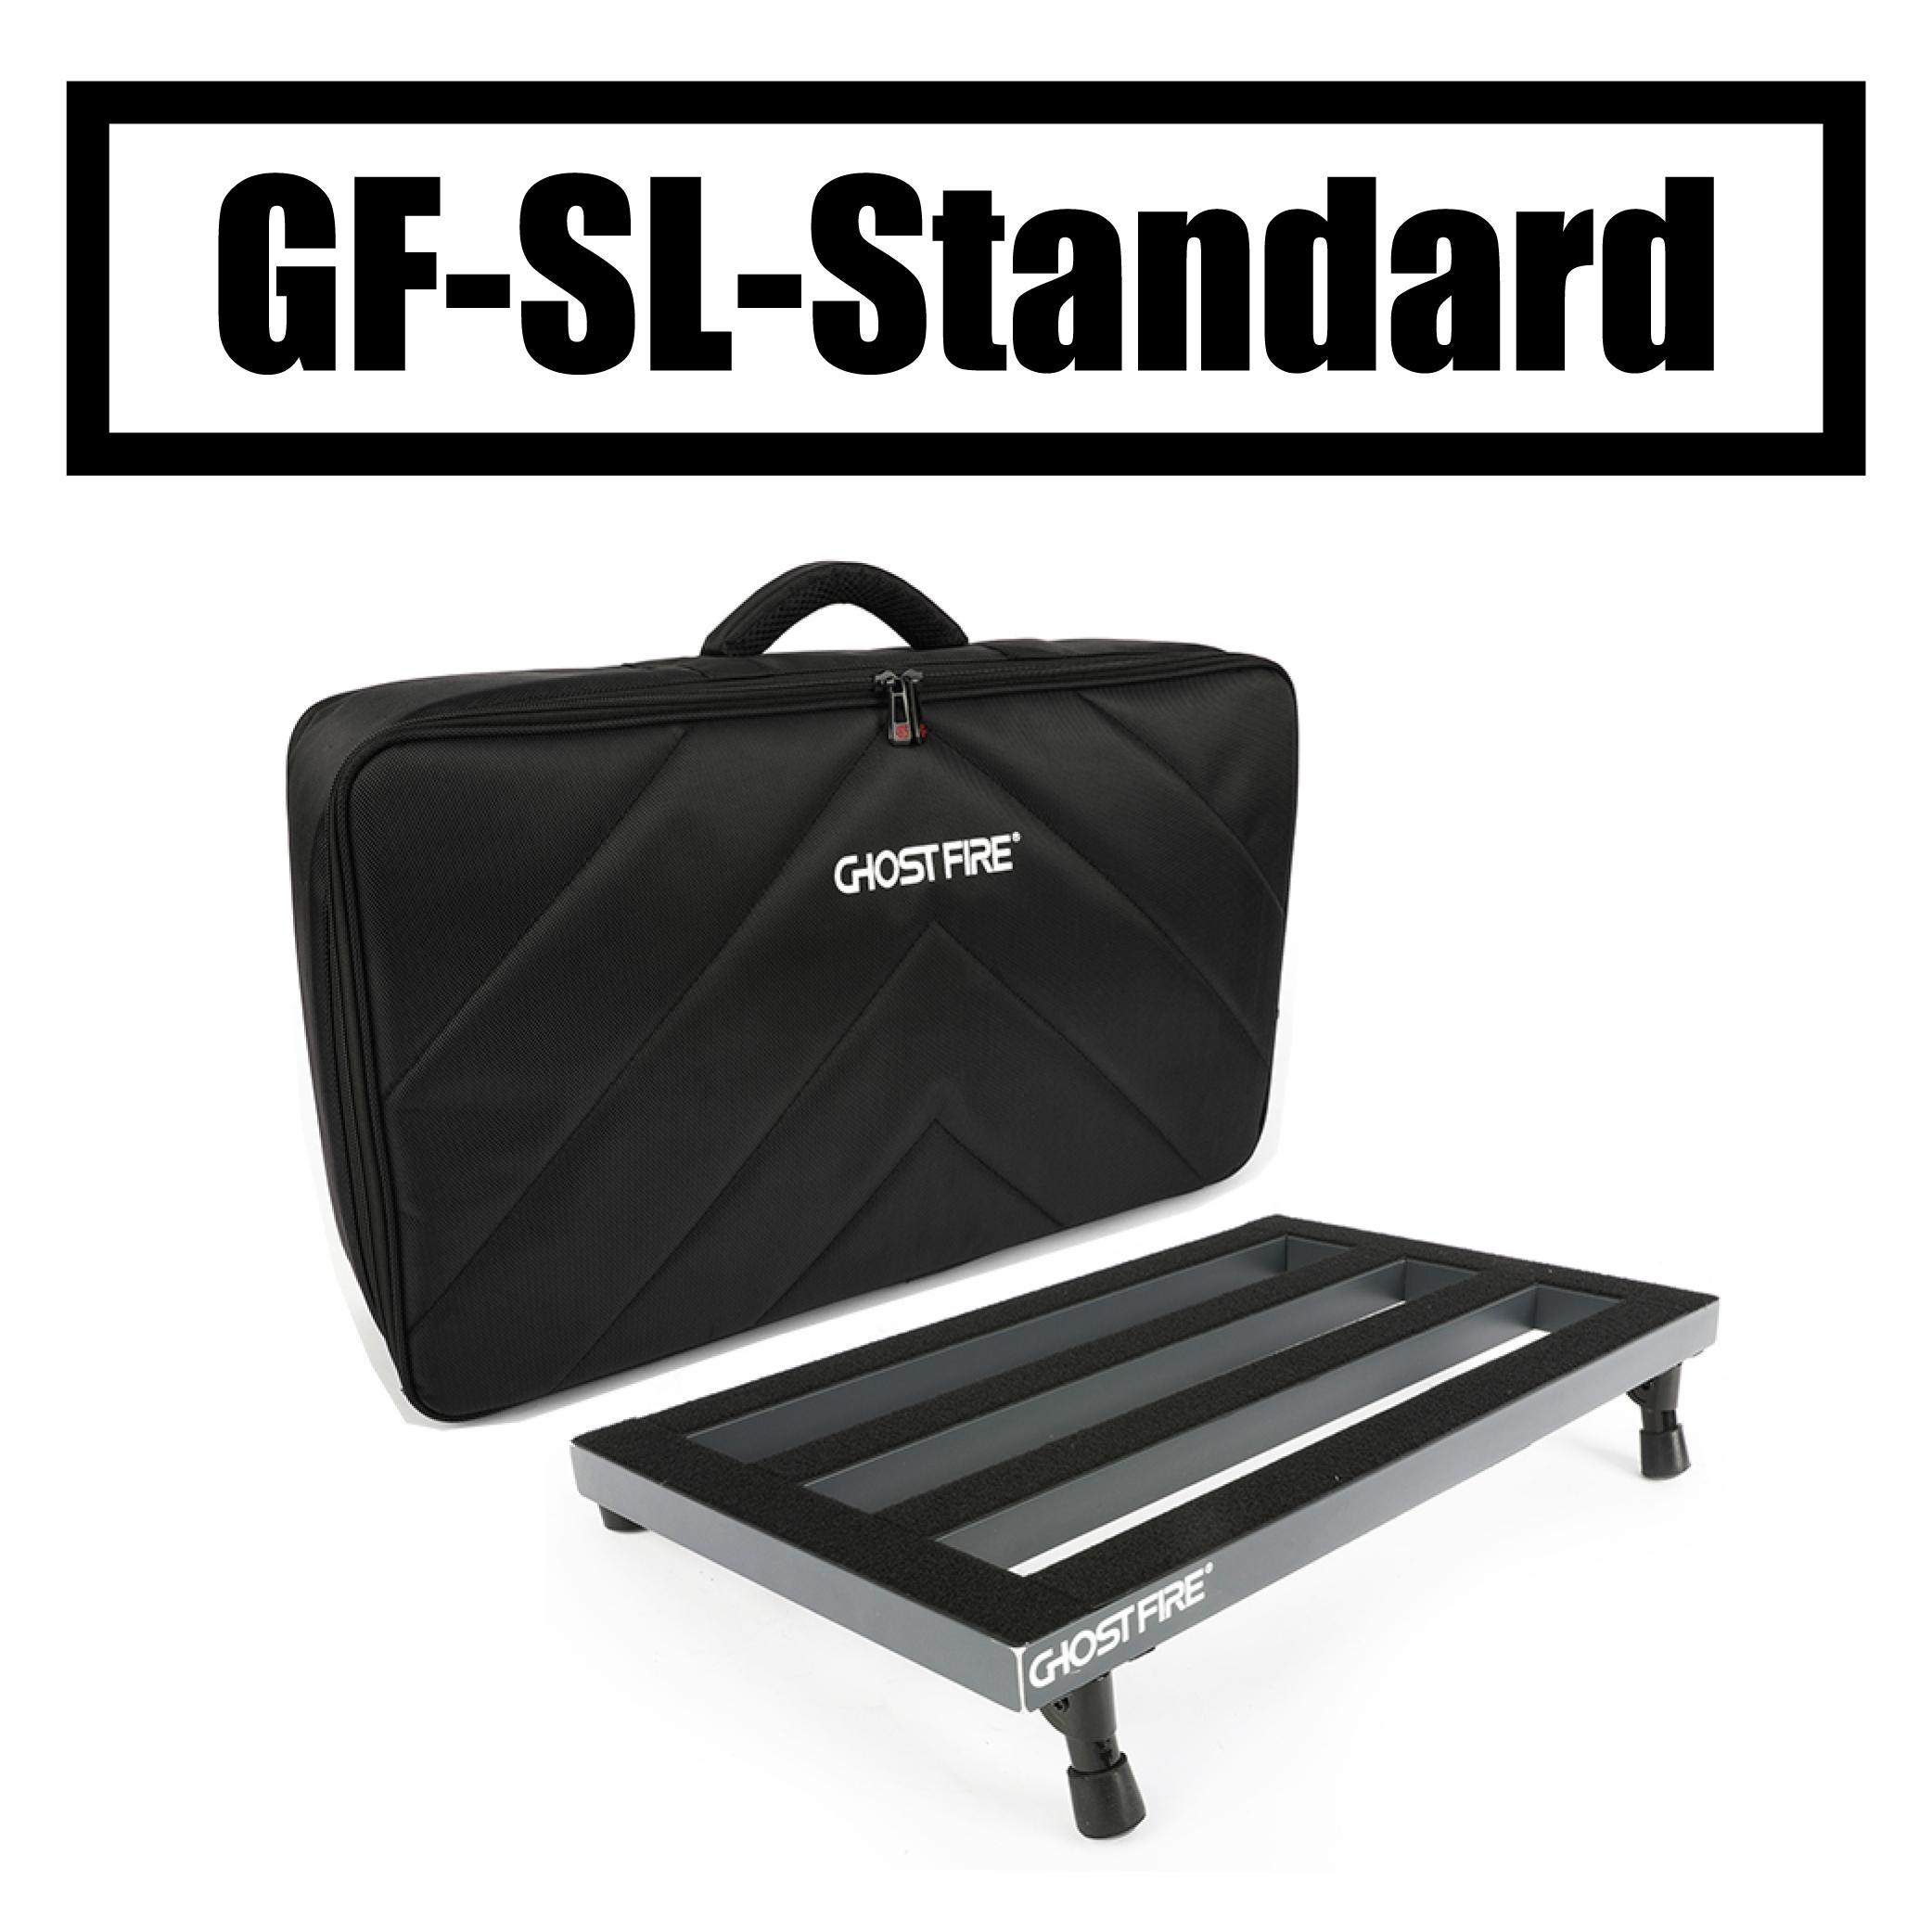 GF-SL-Standard